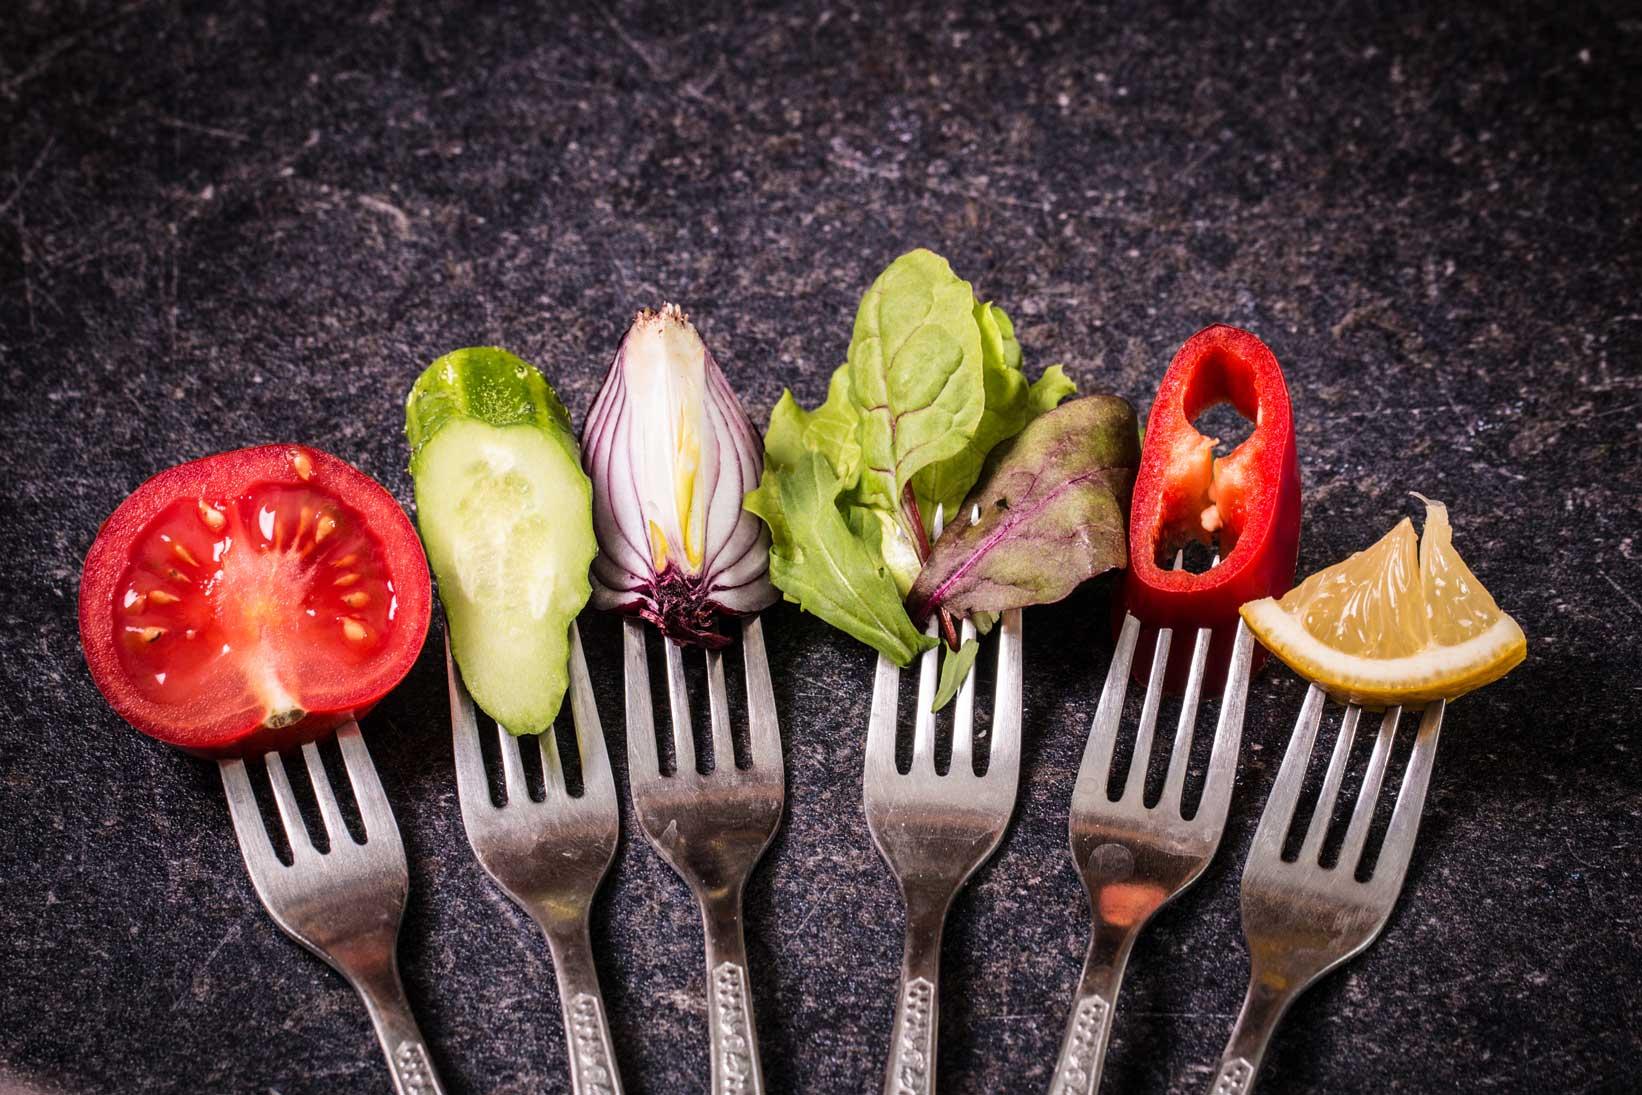 vegetables on forks